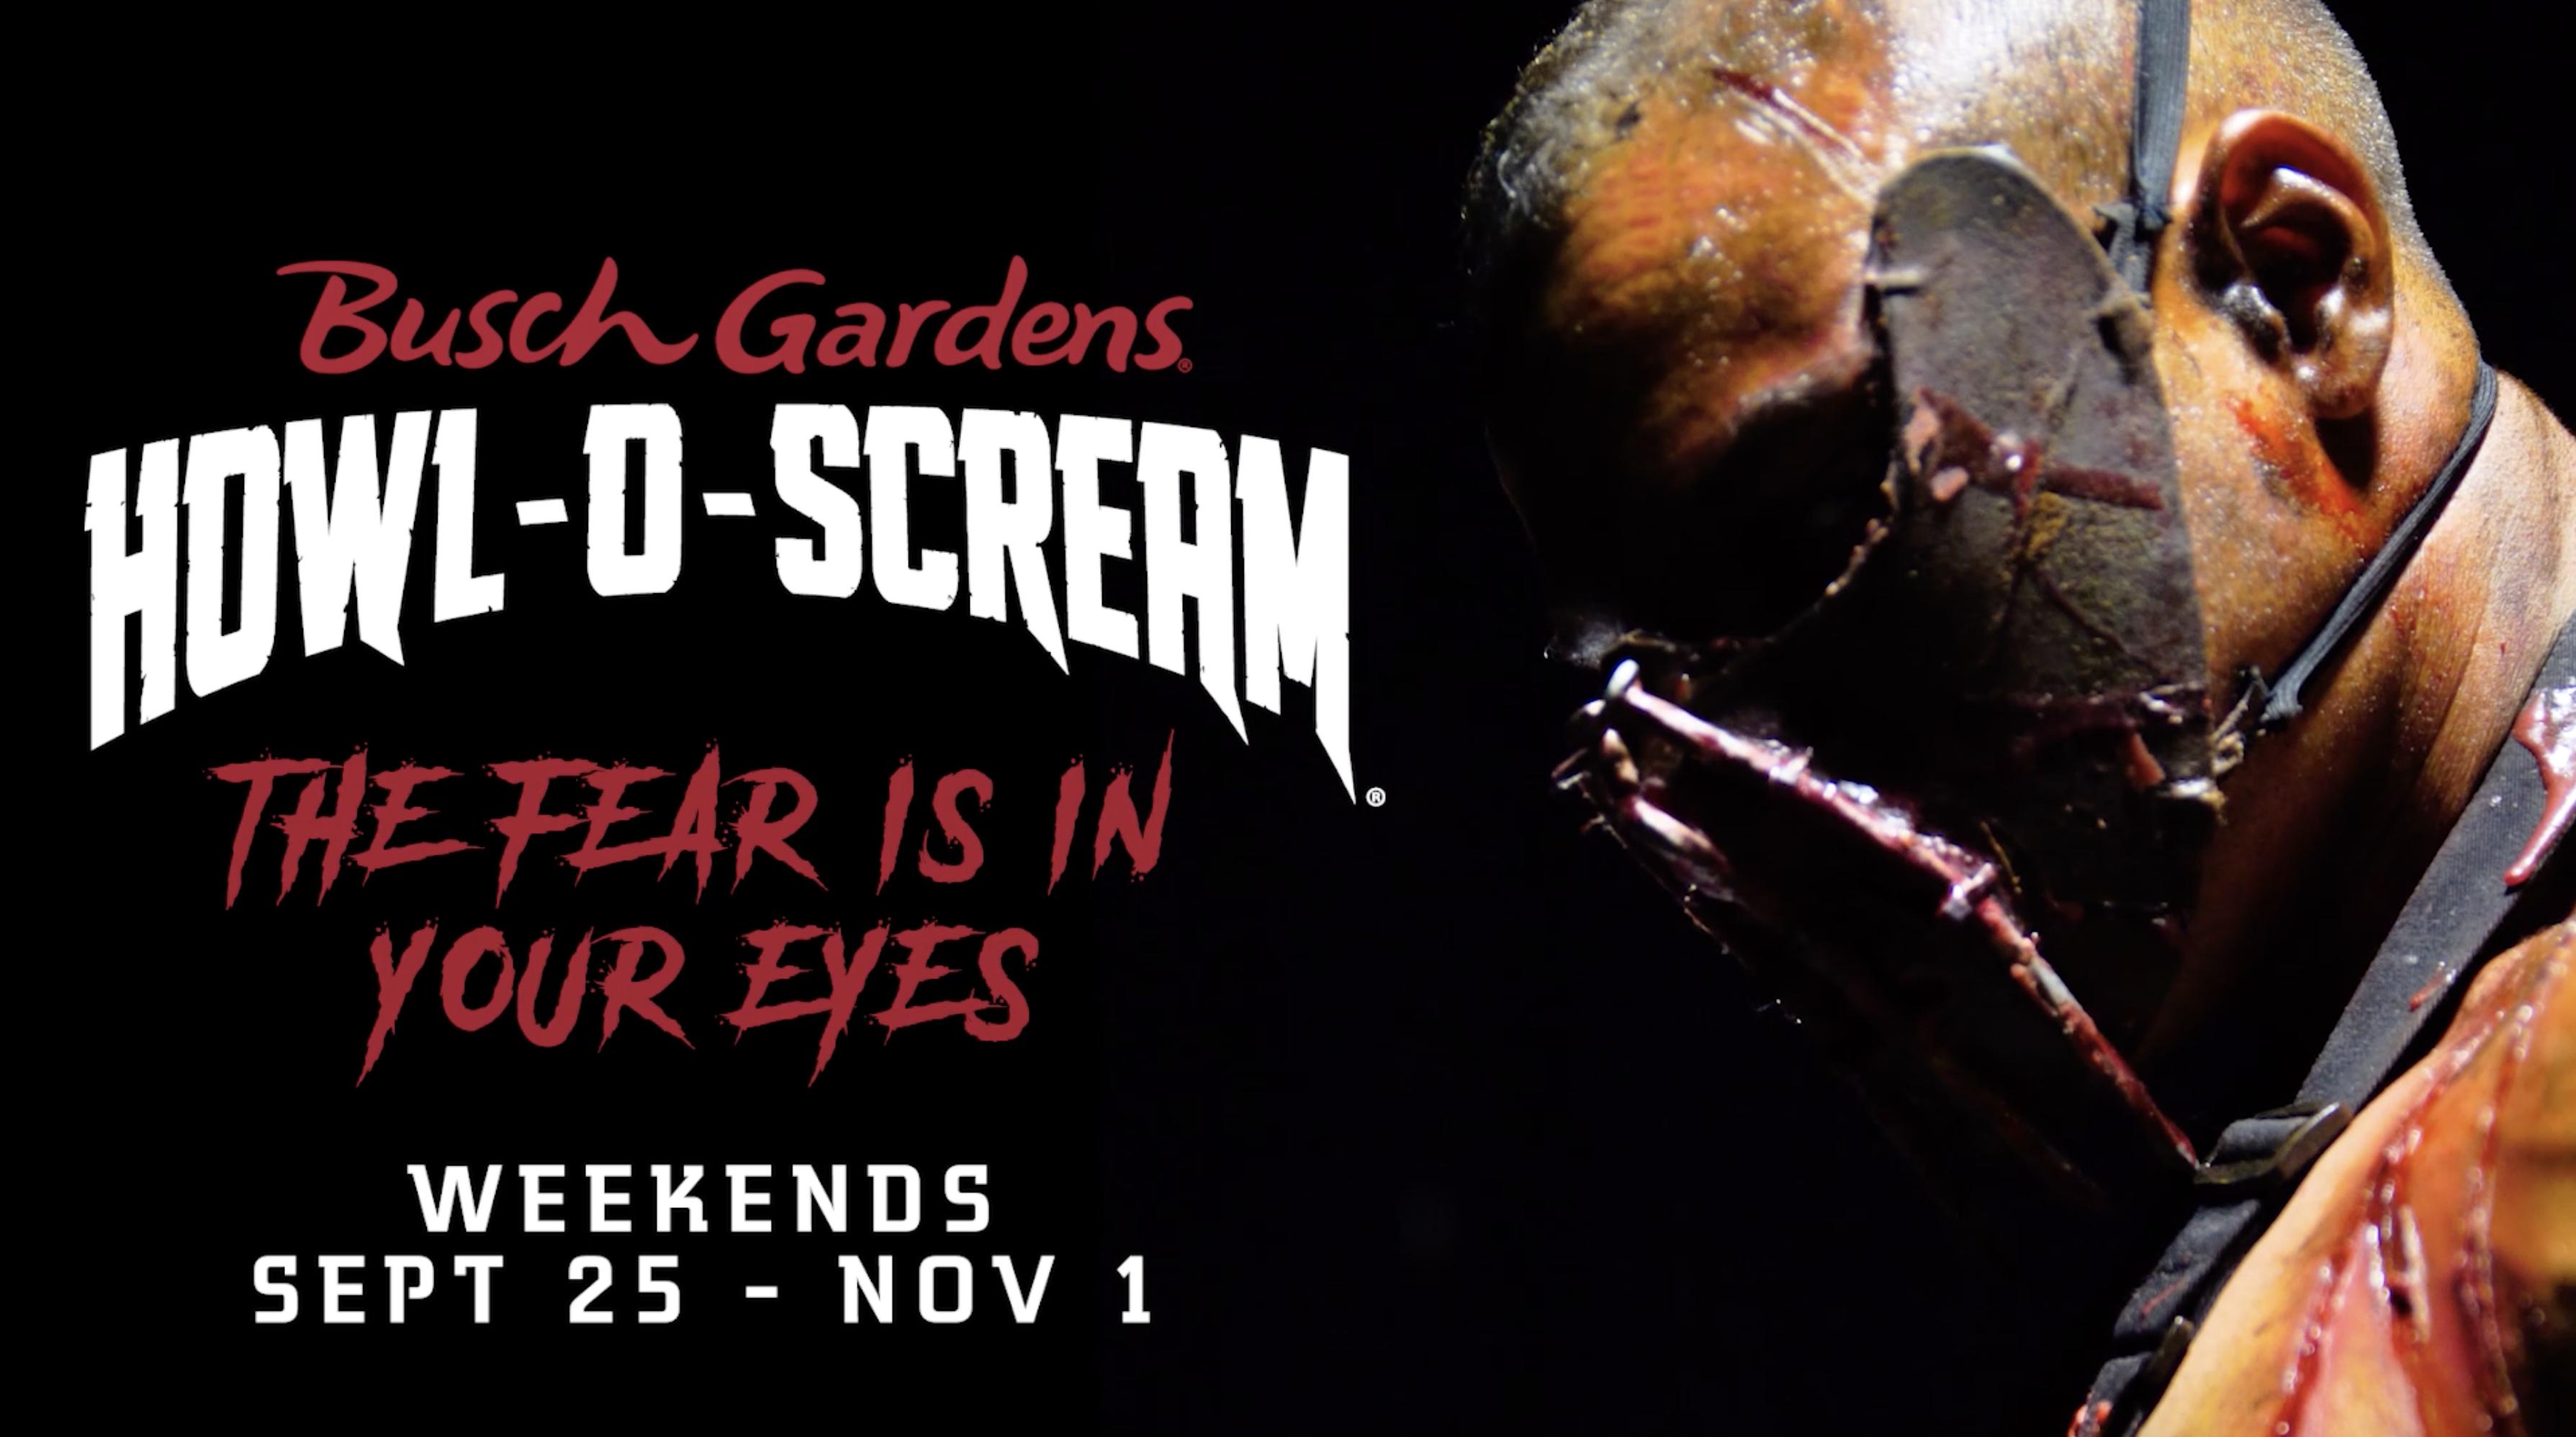 howl o scream 2020 - Busch Gardens Howl O Scream What Rides Open